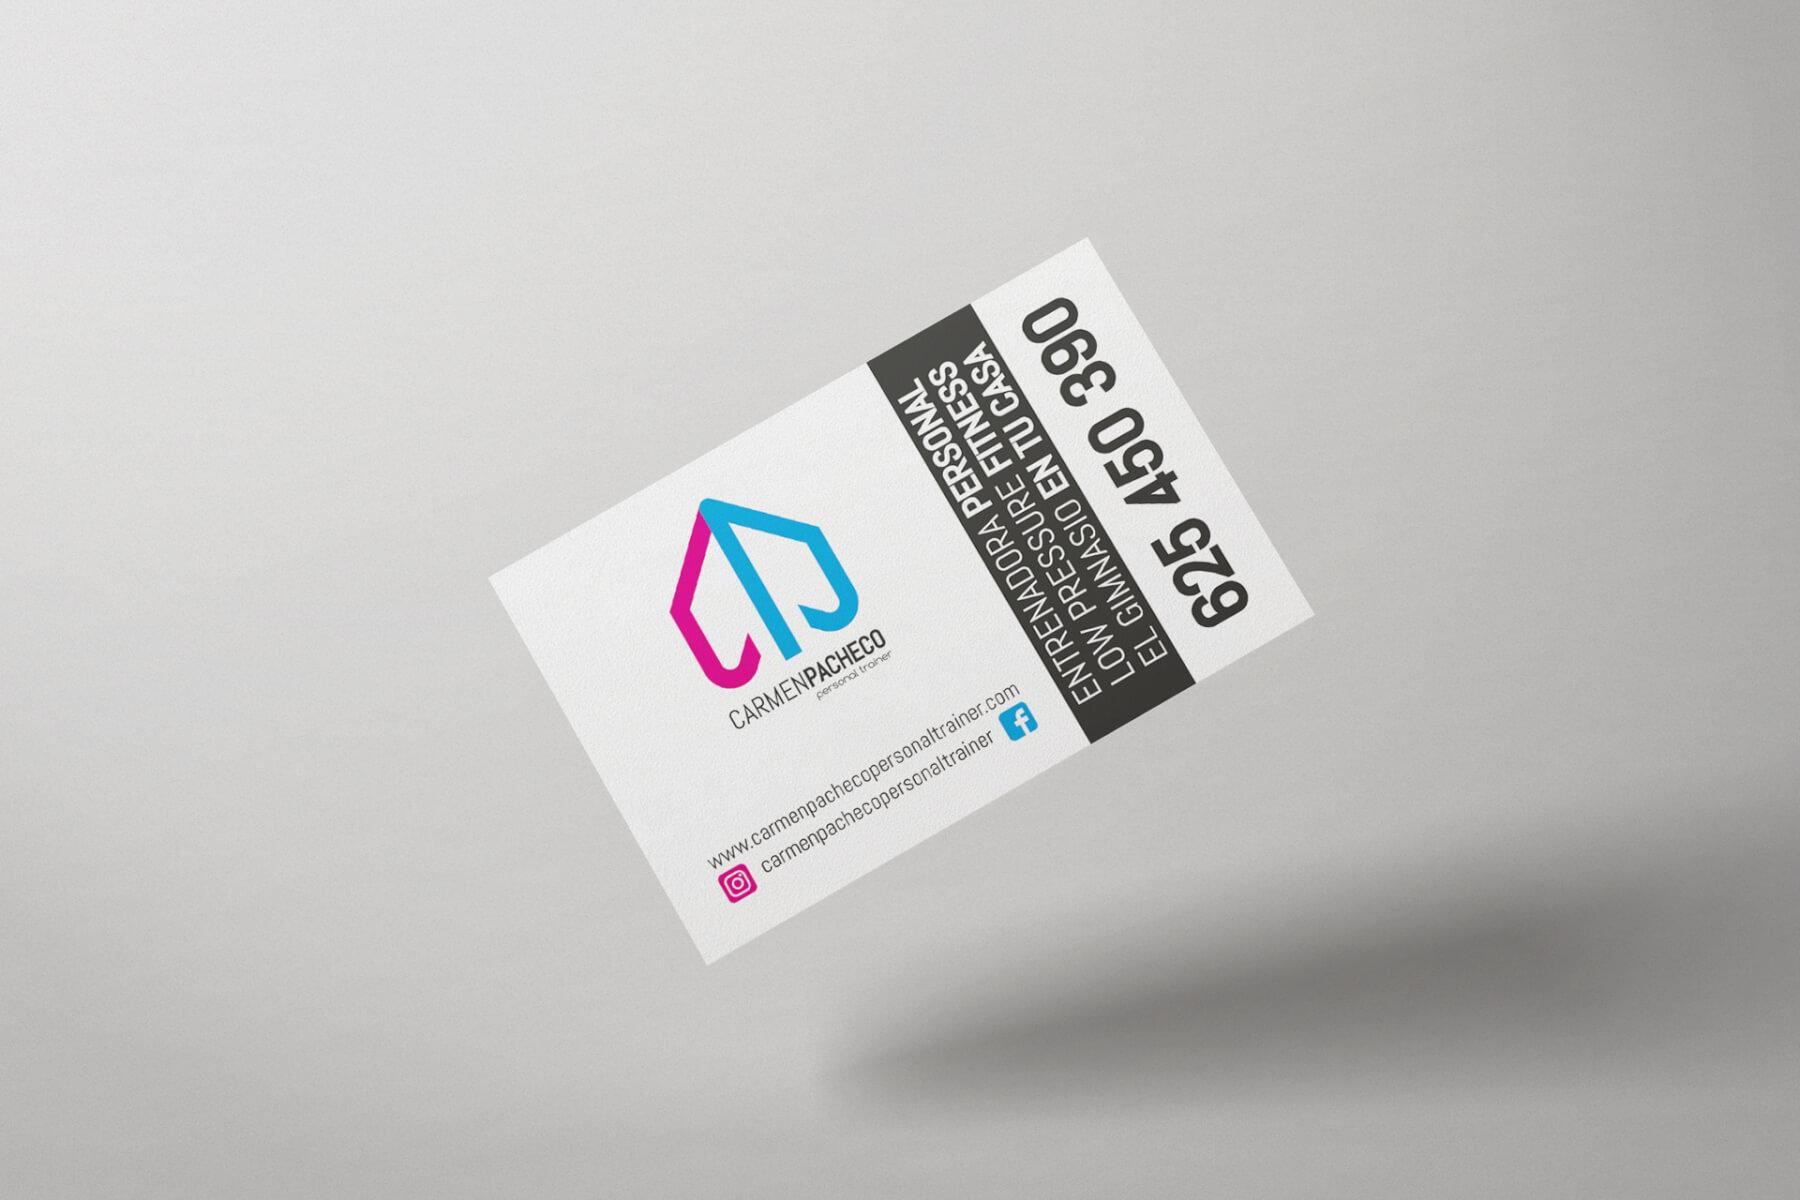 CRIAFAMA - Branding | Diseño Gráfico | Diseño Web. El punto de partida para desarrollar tu marca con Pasión, Creatividad, Originalidad y Dedicación - Jerez de la Frontera